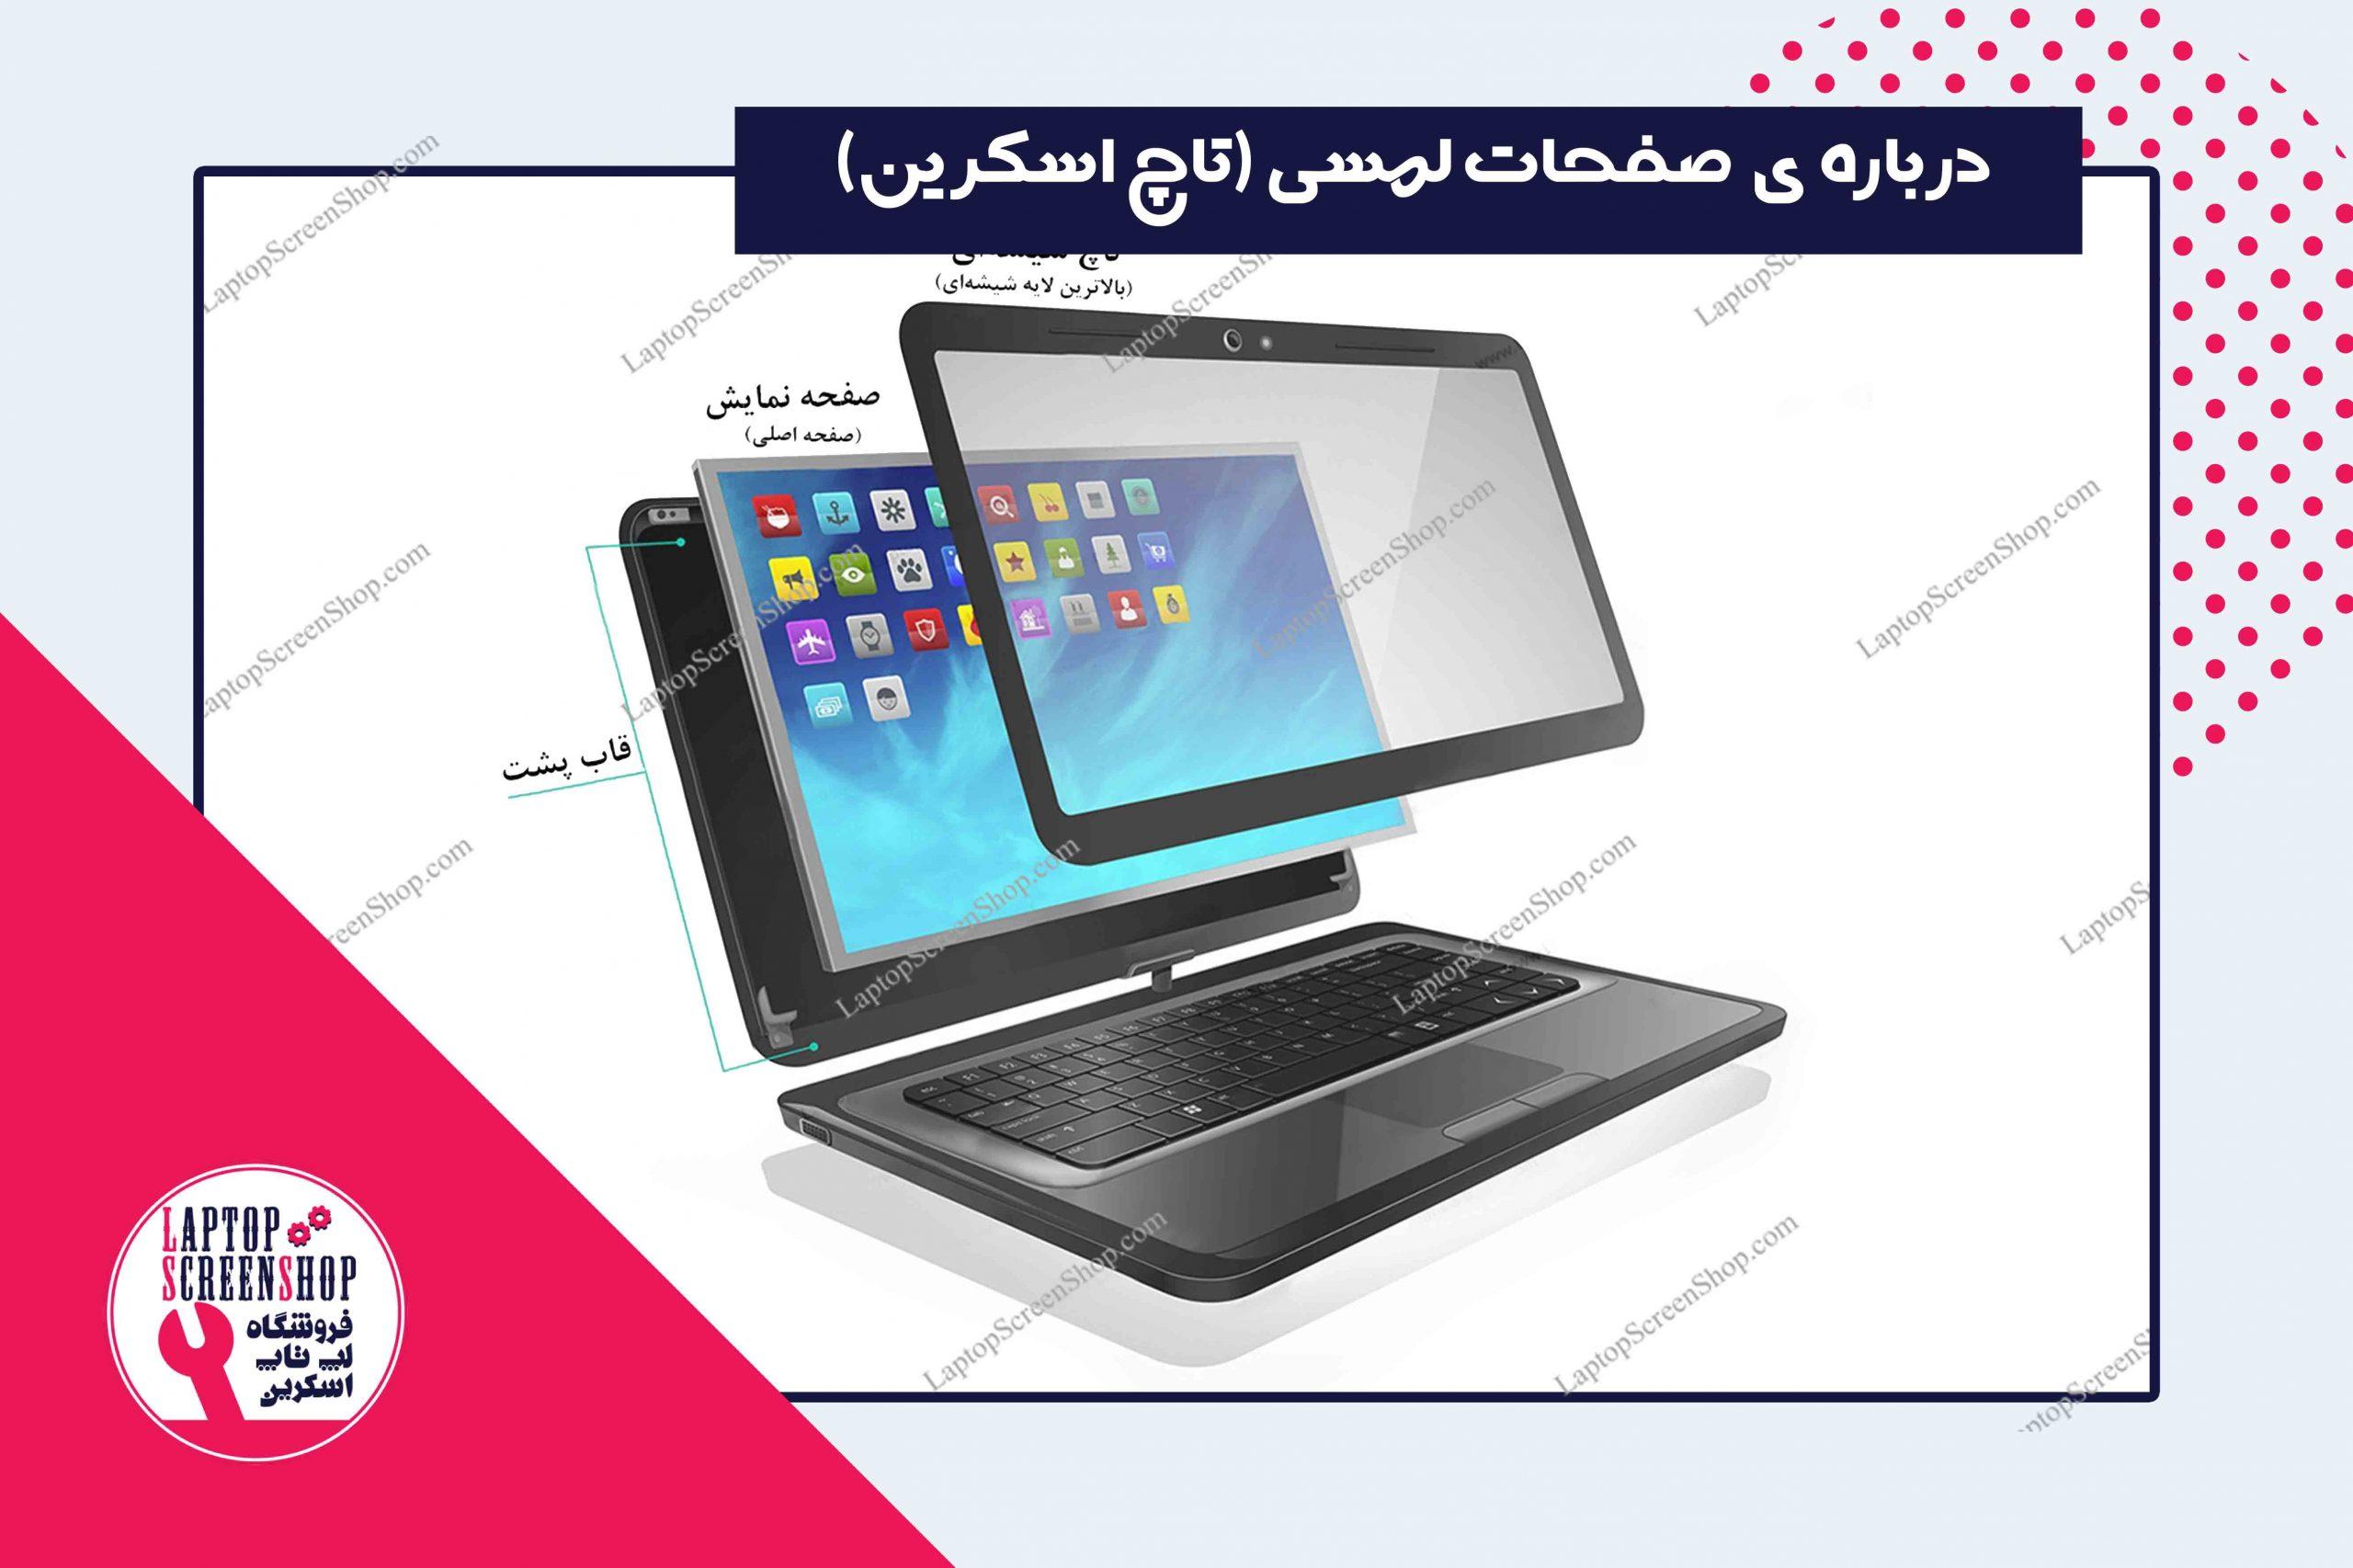 صفحات لمسی| تاچ اسکرین| ال سی دی| ال ای دی| تاچ| فروشگاه لپ تاپ اسکرین| خرید اینترنتی ال سی دی| تعمیر لپ تاپ